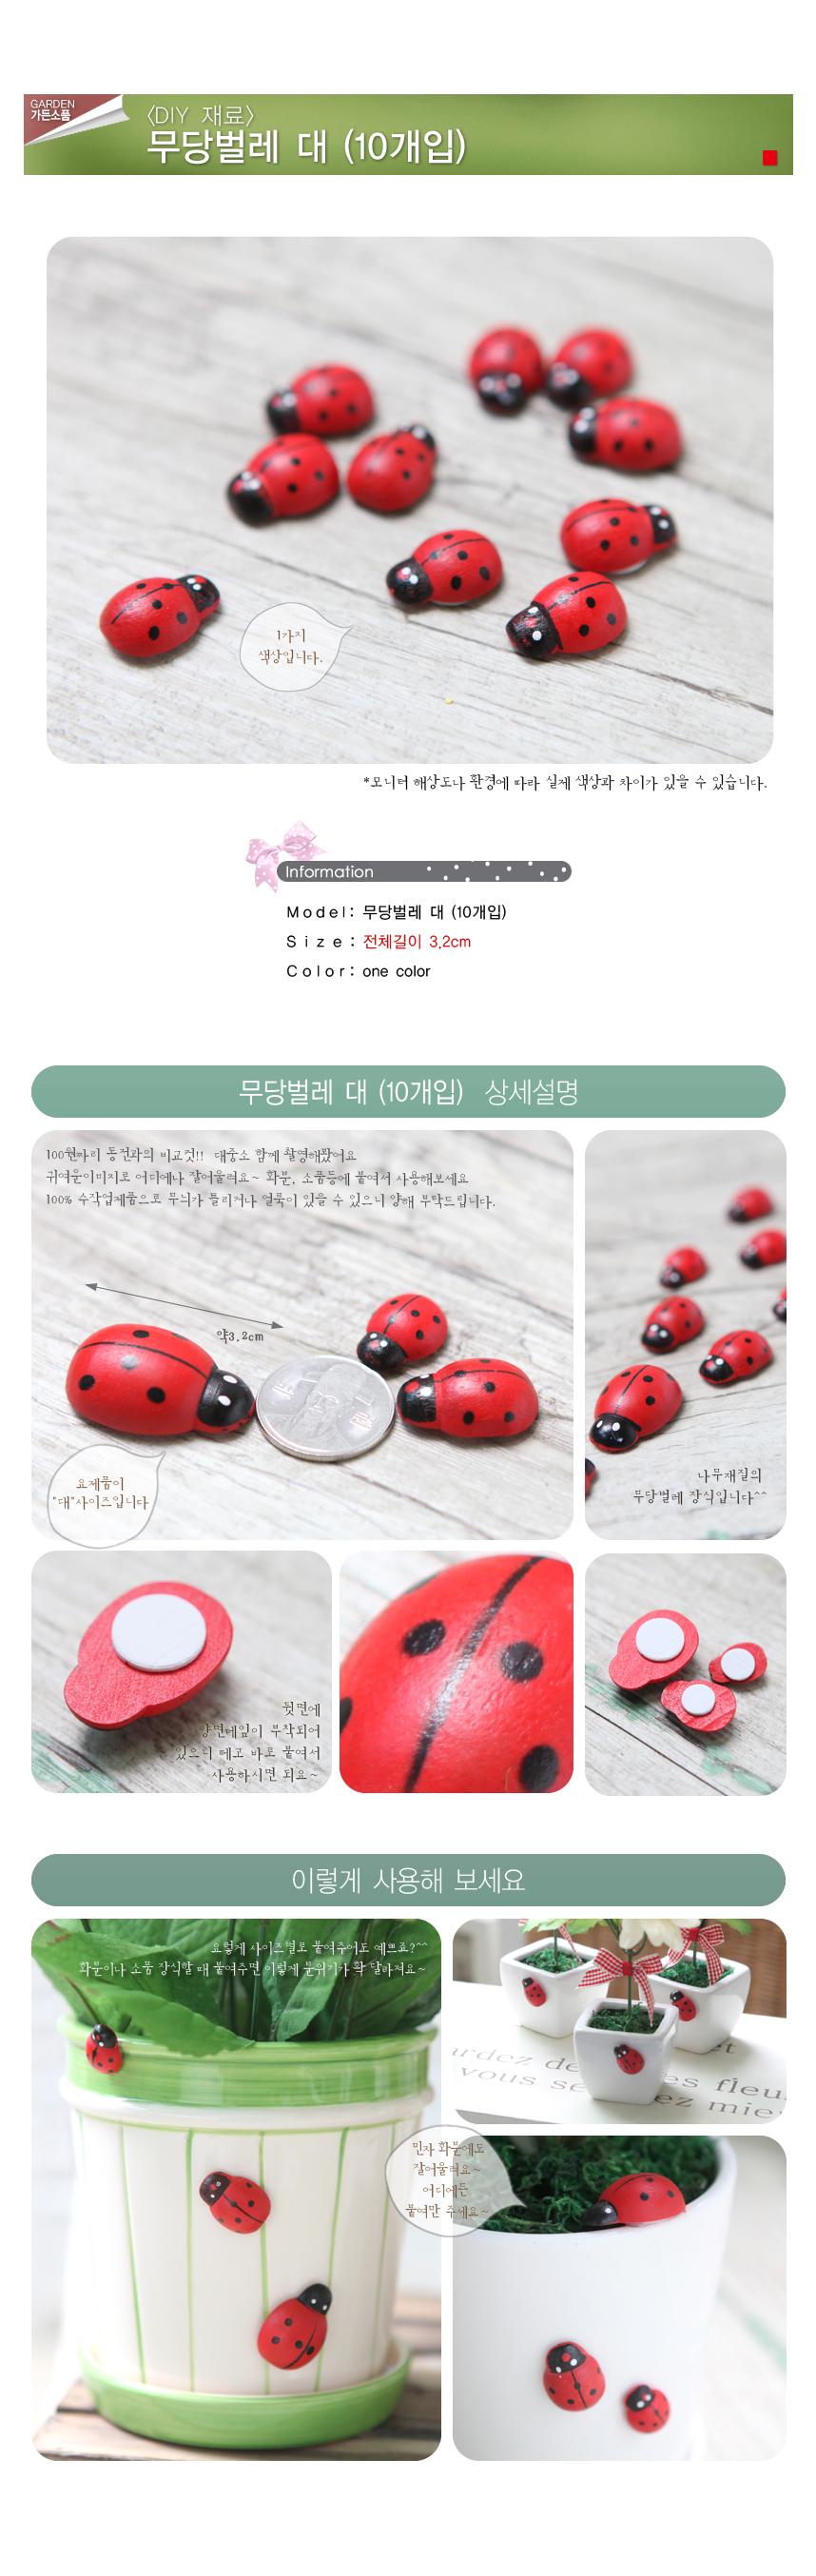 무당벌레 대(10개입) - 플라워트리, 1,350원, 장식소품, 이니셜/알파벳모형